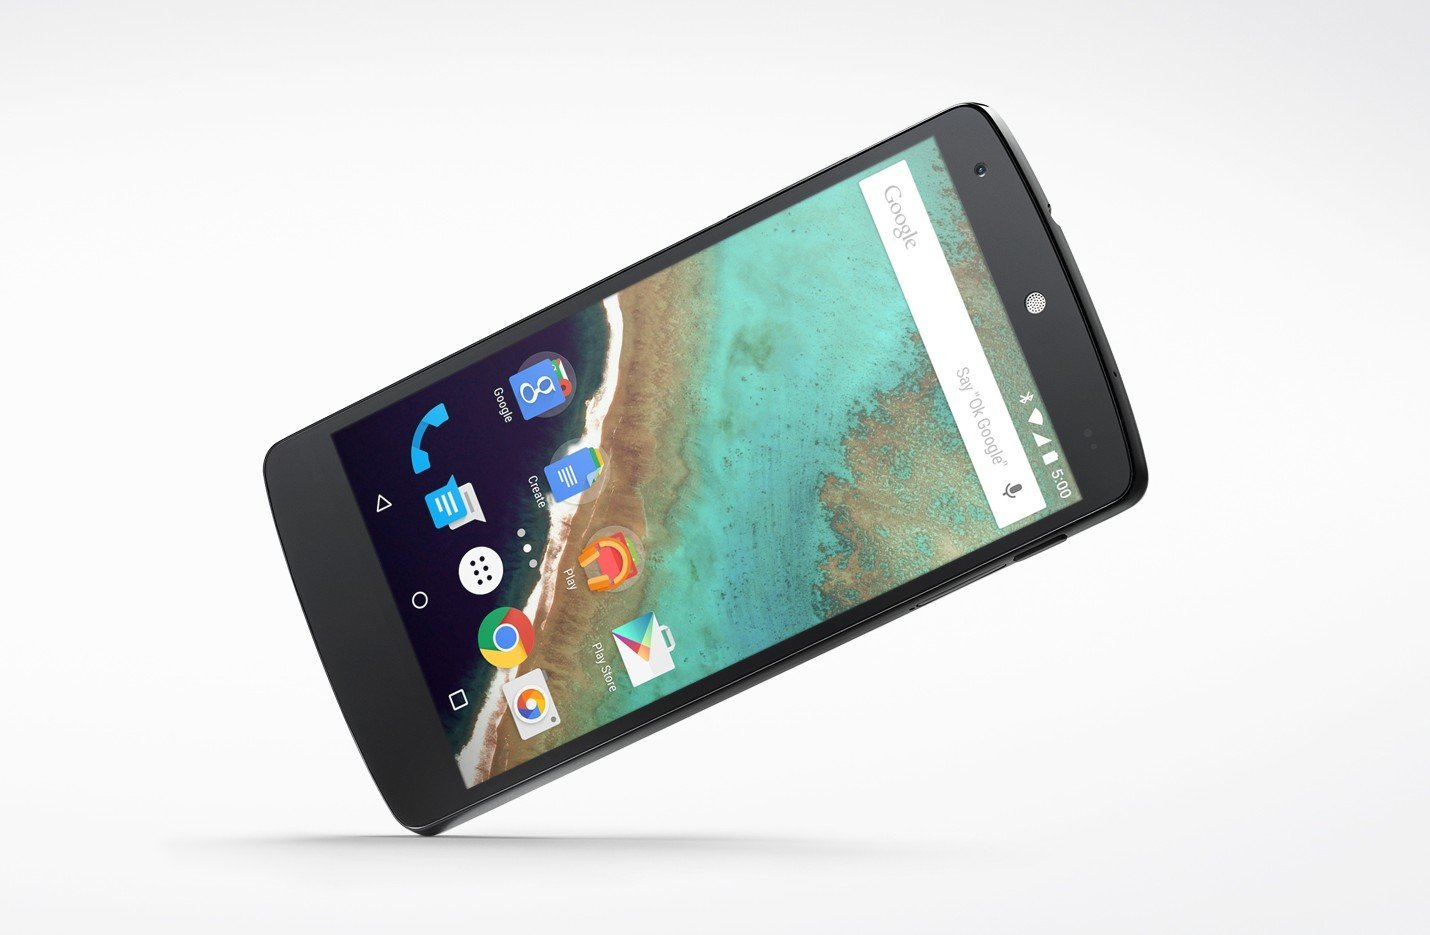 Le Nexus 5 sous Lollipop est plus performant dans les benchmarks que sous KitKat